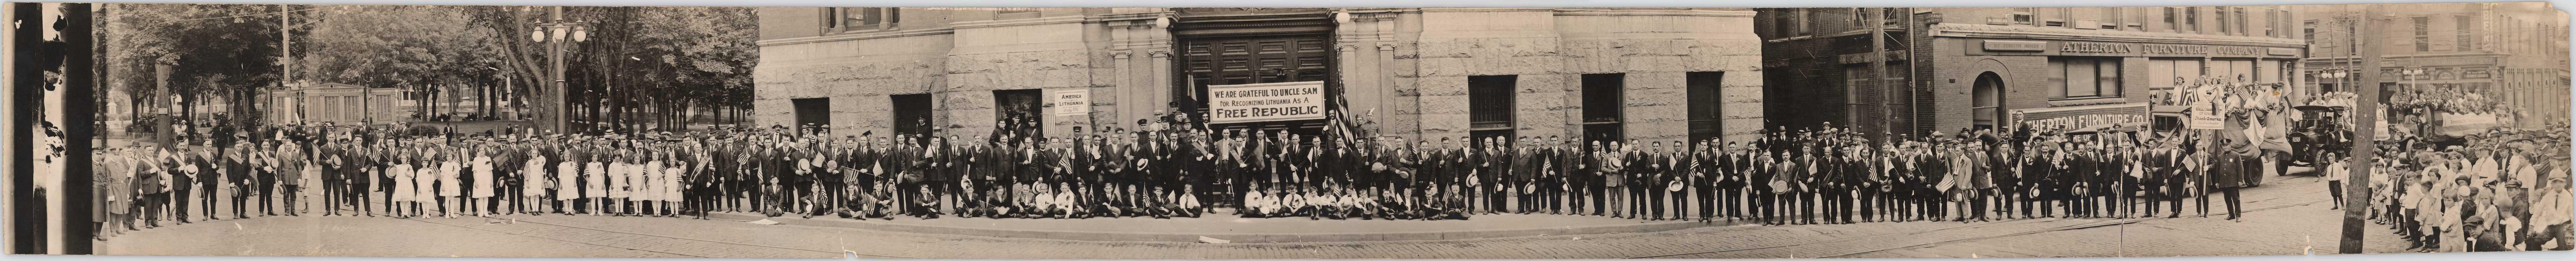 Lawrenco lietuviai 1922. Nuotraukos orginalas saugomas Lietuvos nacionaliniame muziejuje